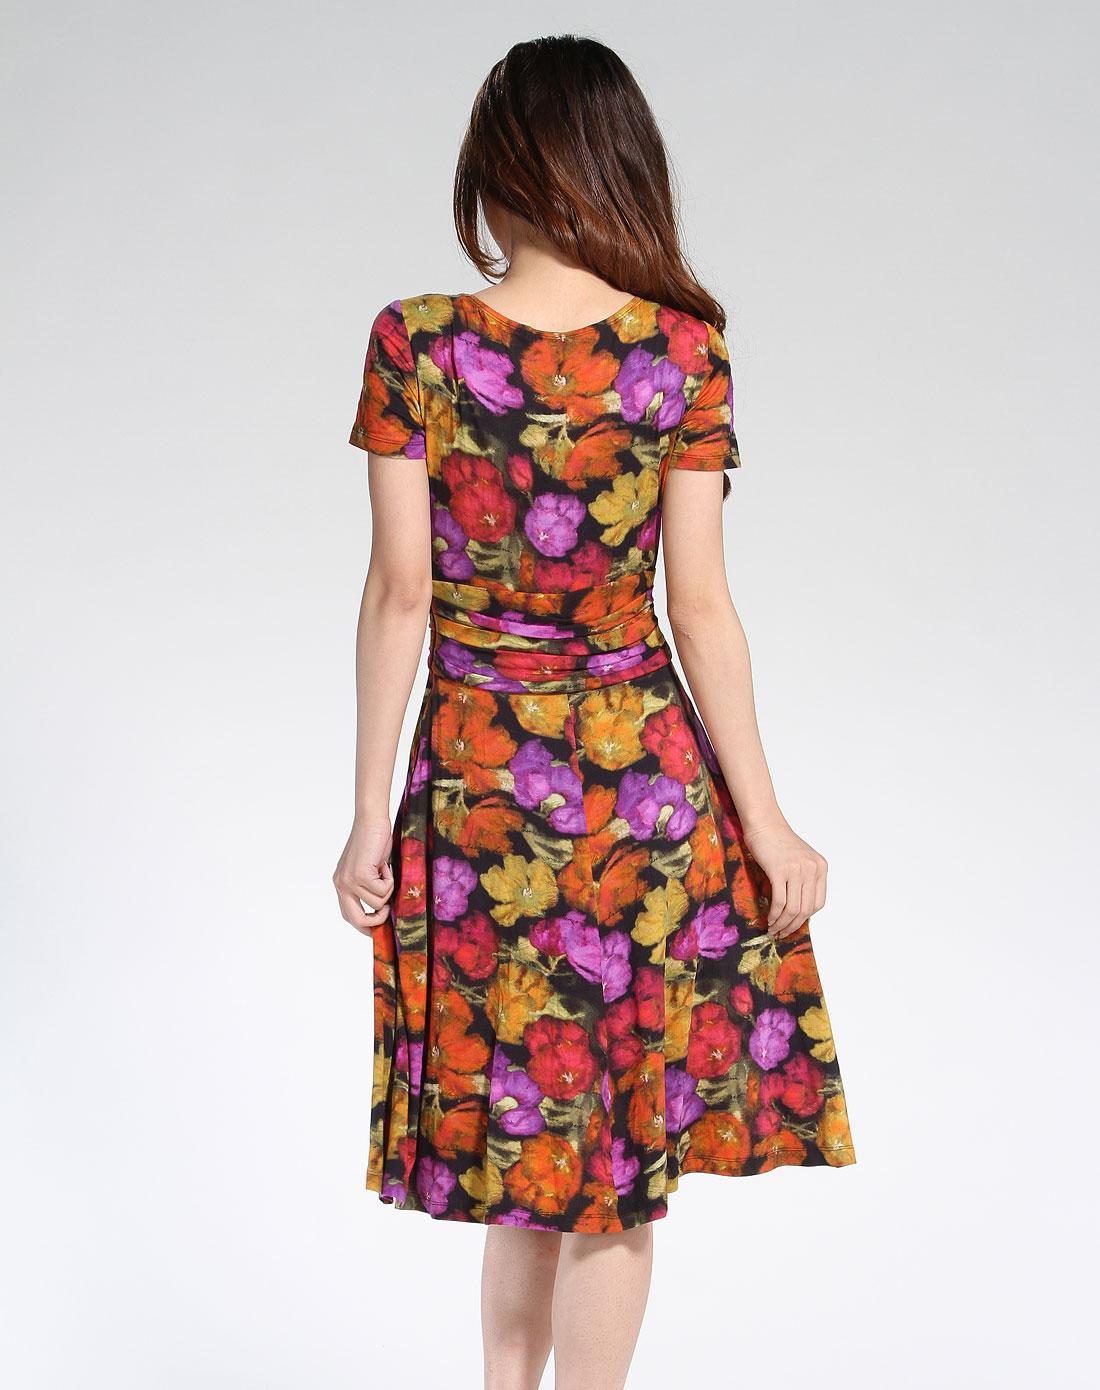 女款紫色花纹时尚连衣裙